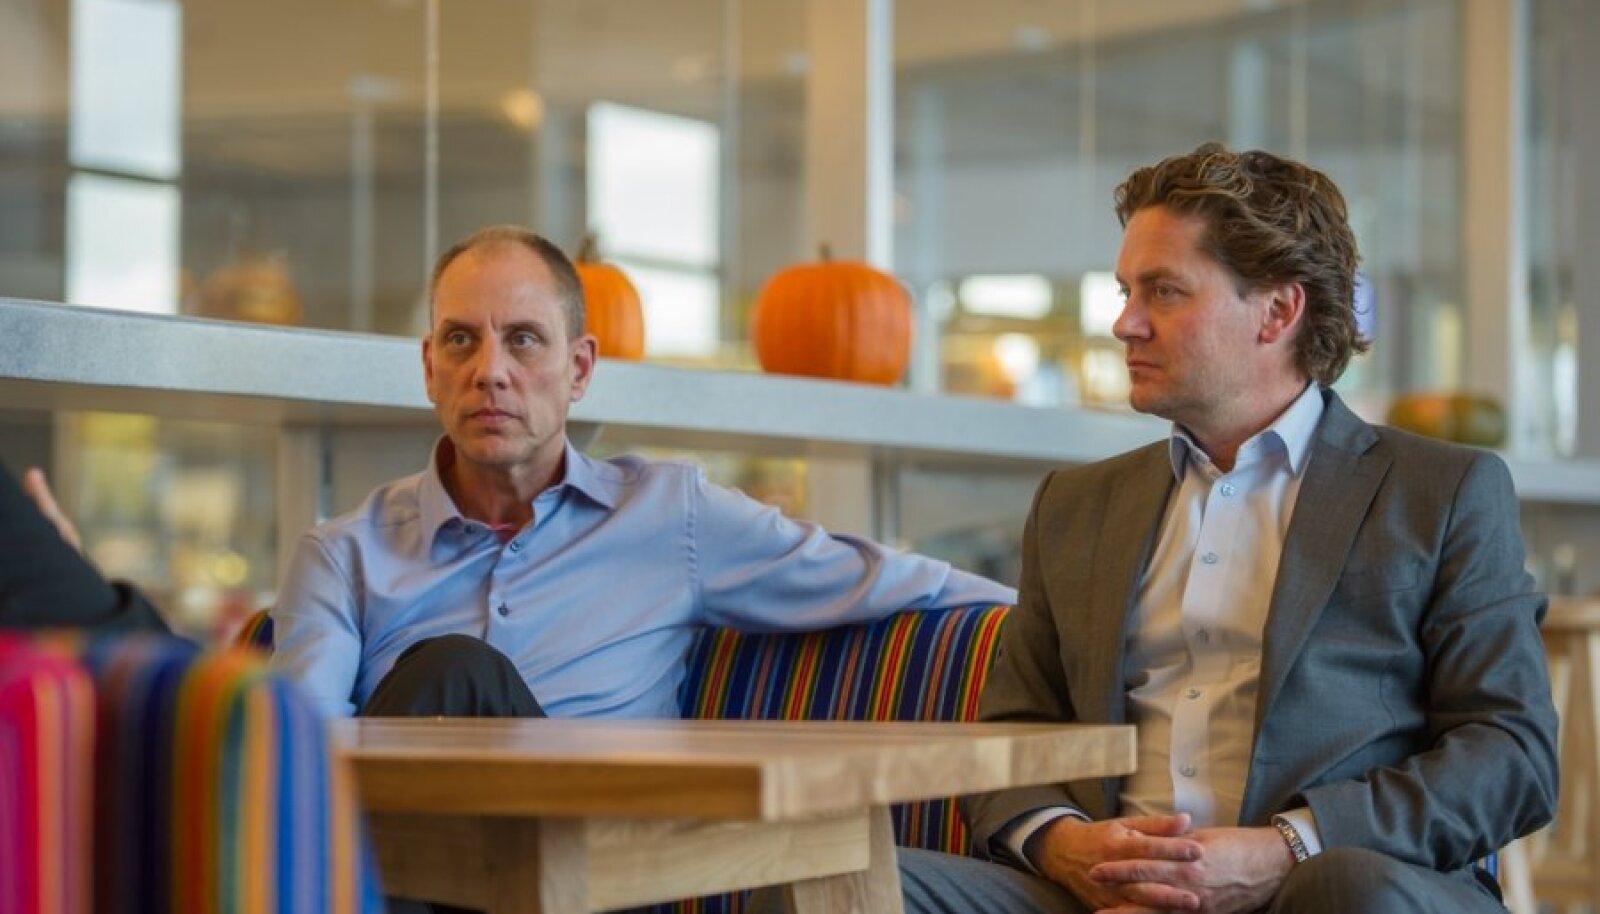 """Jon Roskill (vasakul) ja Eilert Giertsen Hanoa lahkusid Eestist väga positiivselt meelestatuna. """"Eesti pluss on kindlasti tugev tehnoloogiakompetents ja IT-haridus,"""" märkis Roskill. Ka geograafiliselt on Eesti nende jaoks igati hea koha peal: Skandinaavia ja Venemaa naabruses."""